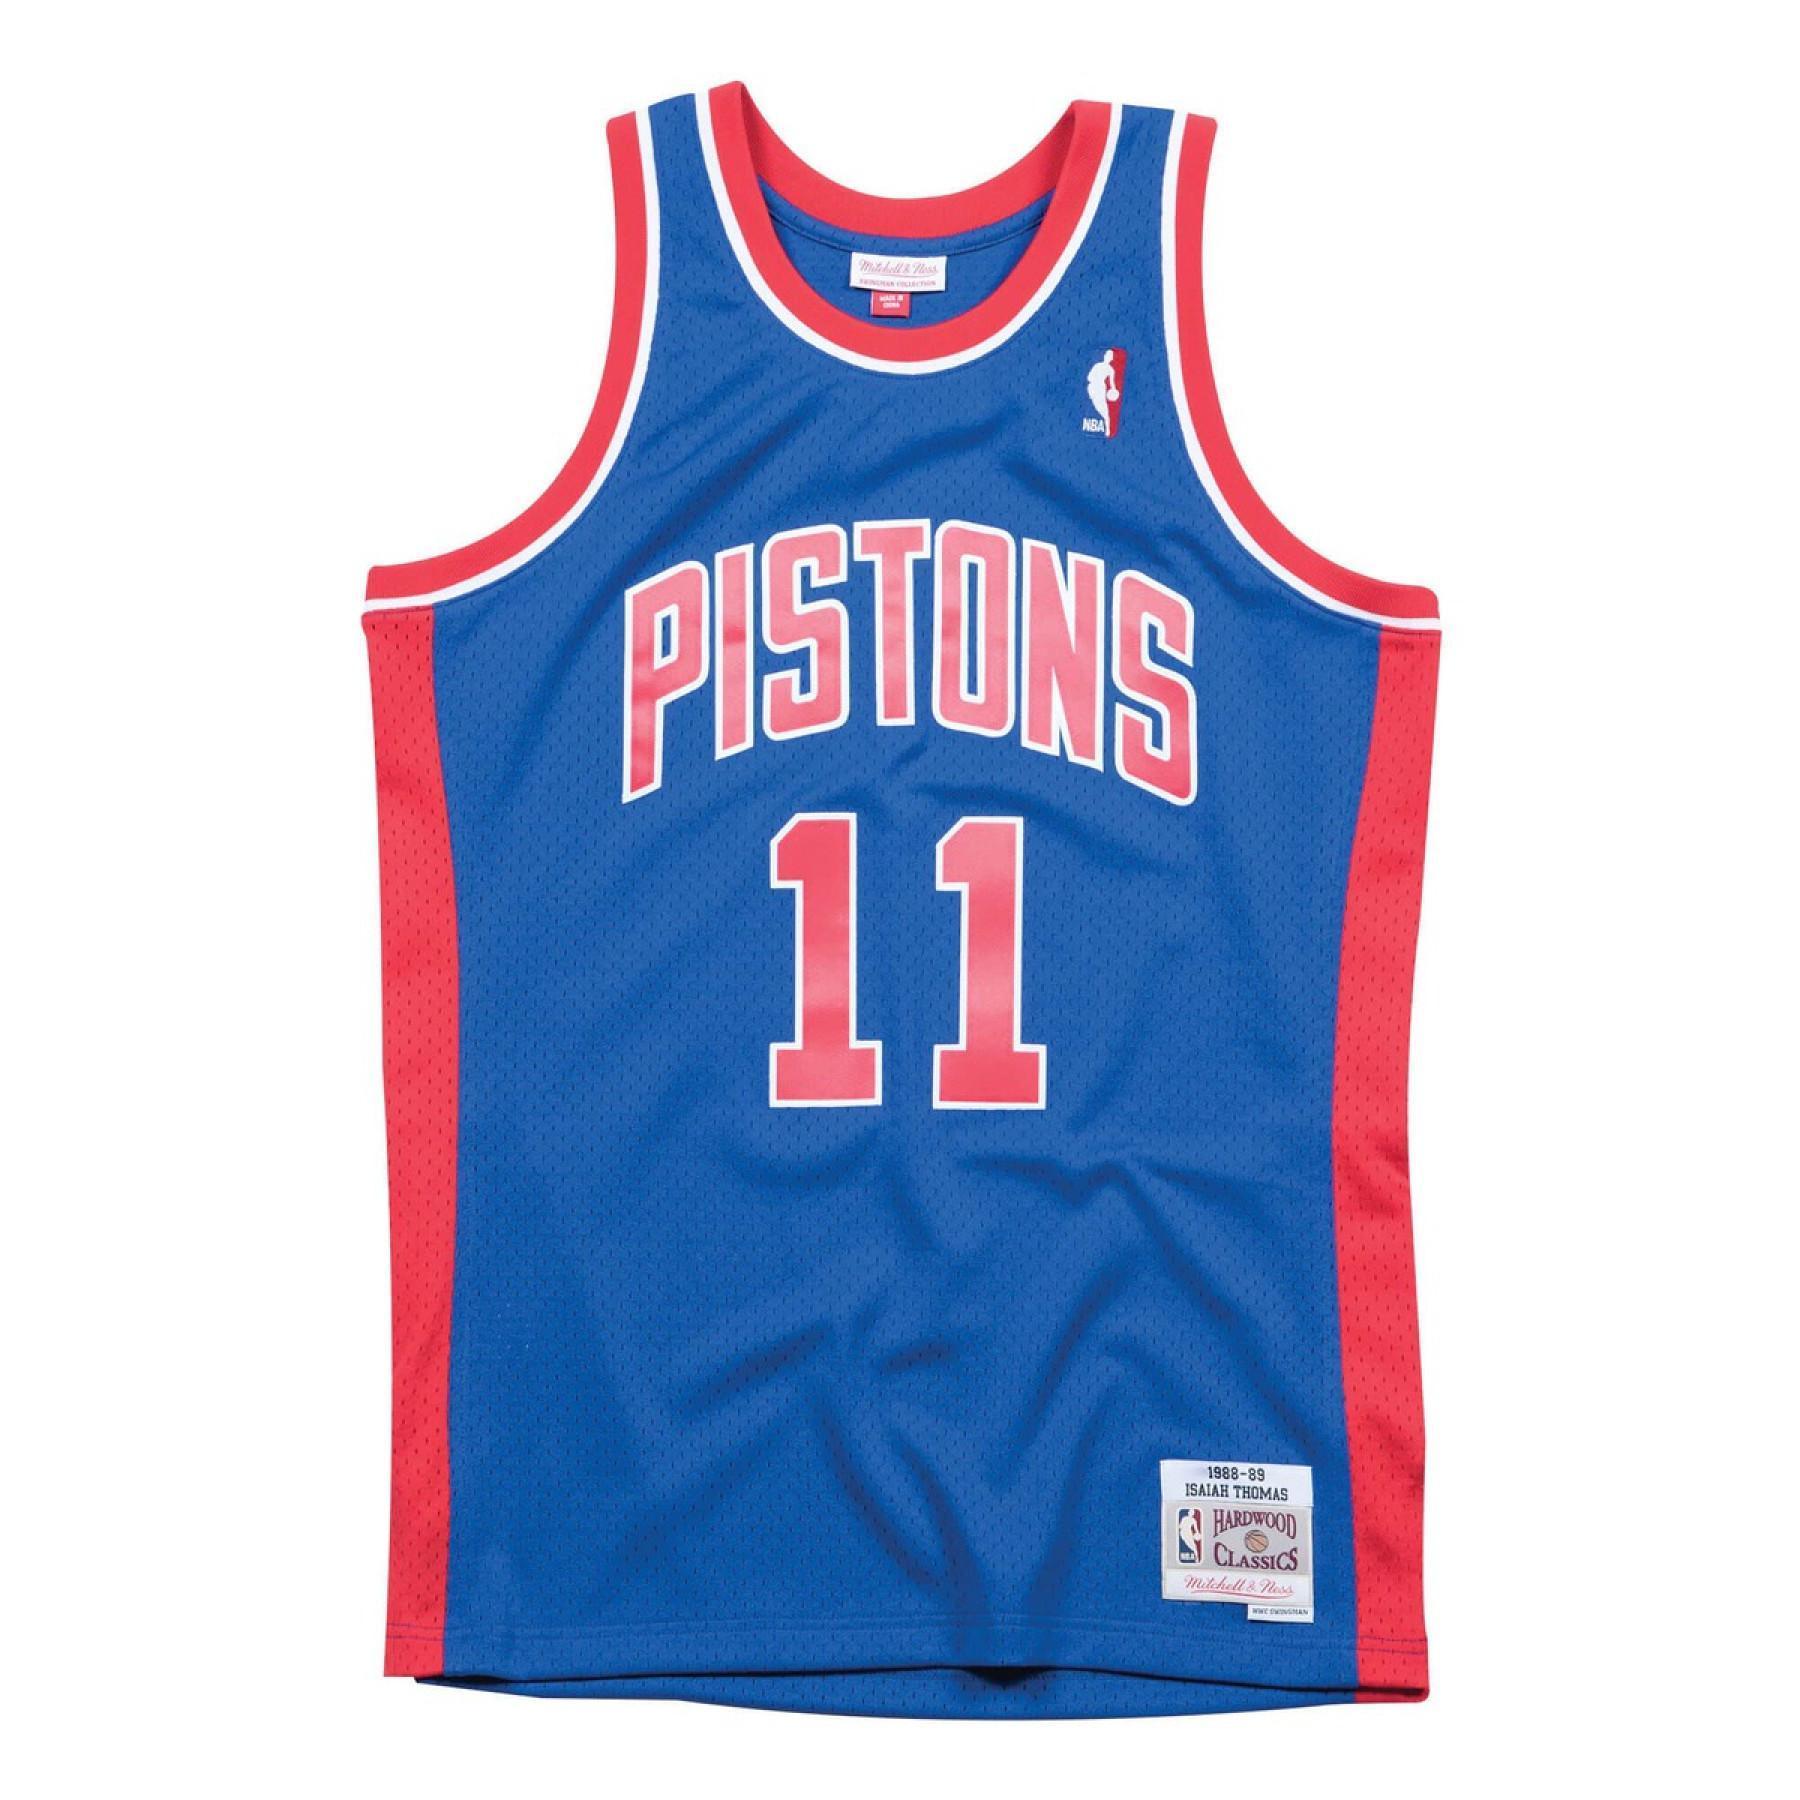 Isiah Thomas Detroit Pistons Jersey